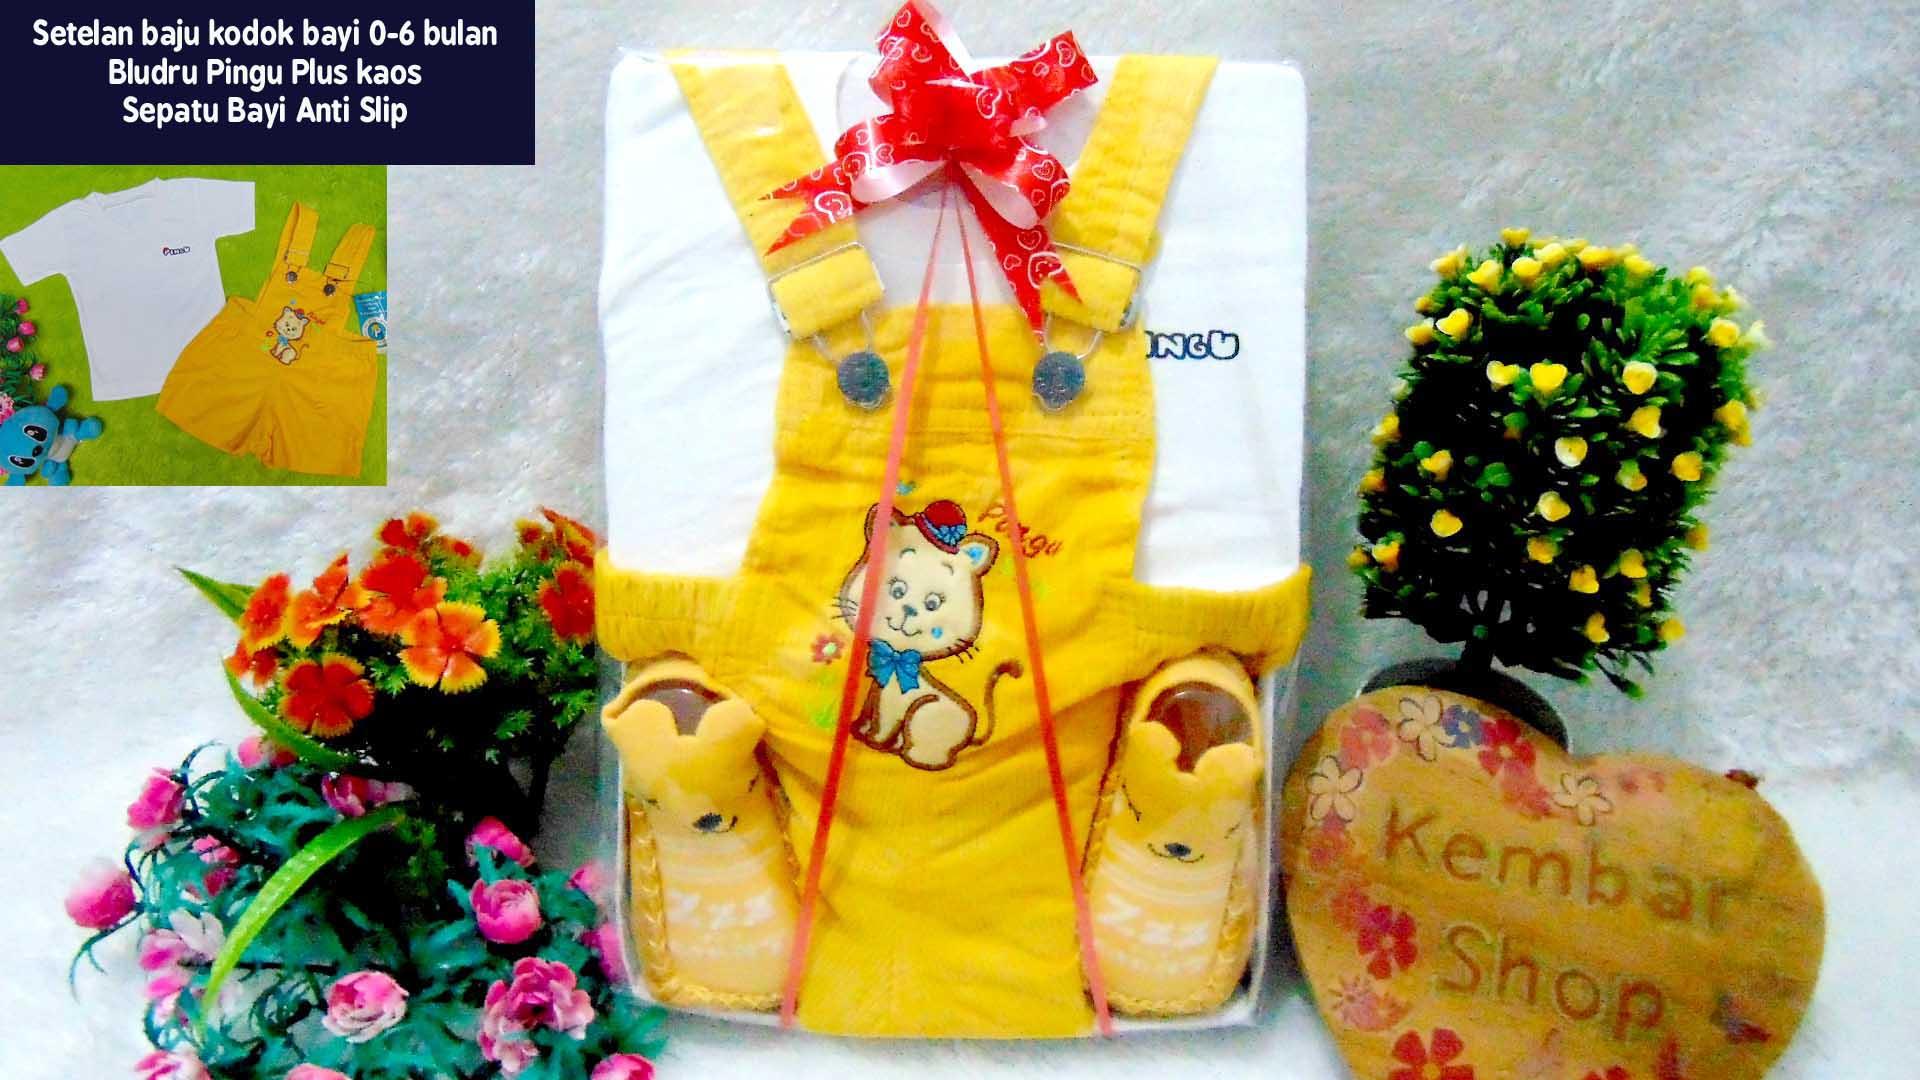 PAKET E Hampers Bayi Newborn Kado Bayi Kado Lahiran Baby Gift Setelan Baju Kodok Aneka Motif